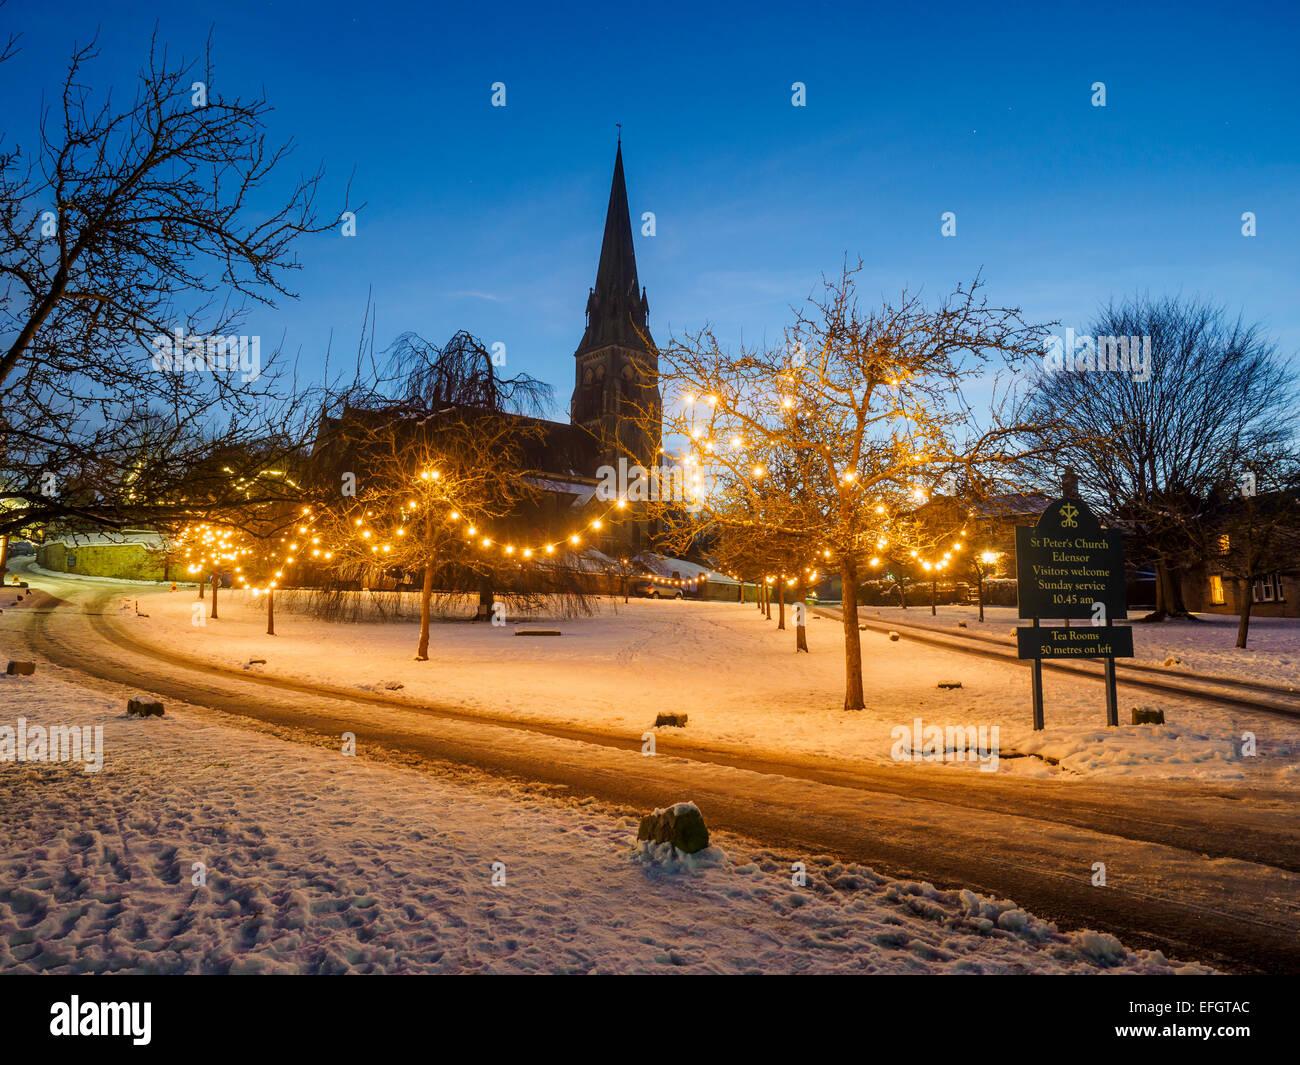 Schnee und Weihnachten Lichter in den Peak District Dorf Edensor in ...